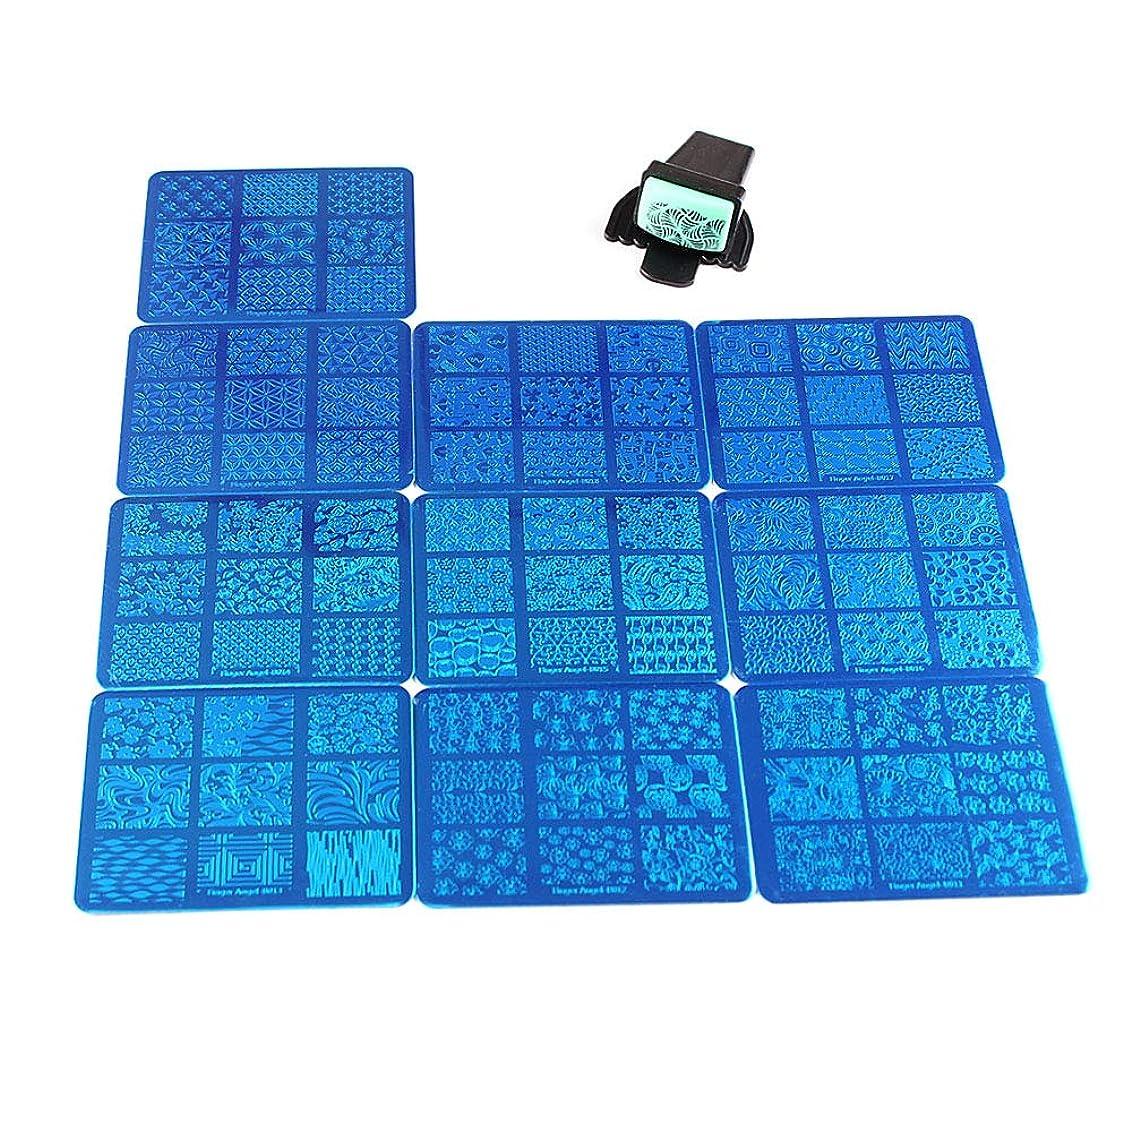 満足できるトロピカル牽引FingerAngel 10枚 ネイルイメージプレートセット ネイルプレート 長方形 花 フルカバー ネイルスタンププレート スタンプ スクレーパー(B11-20)